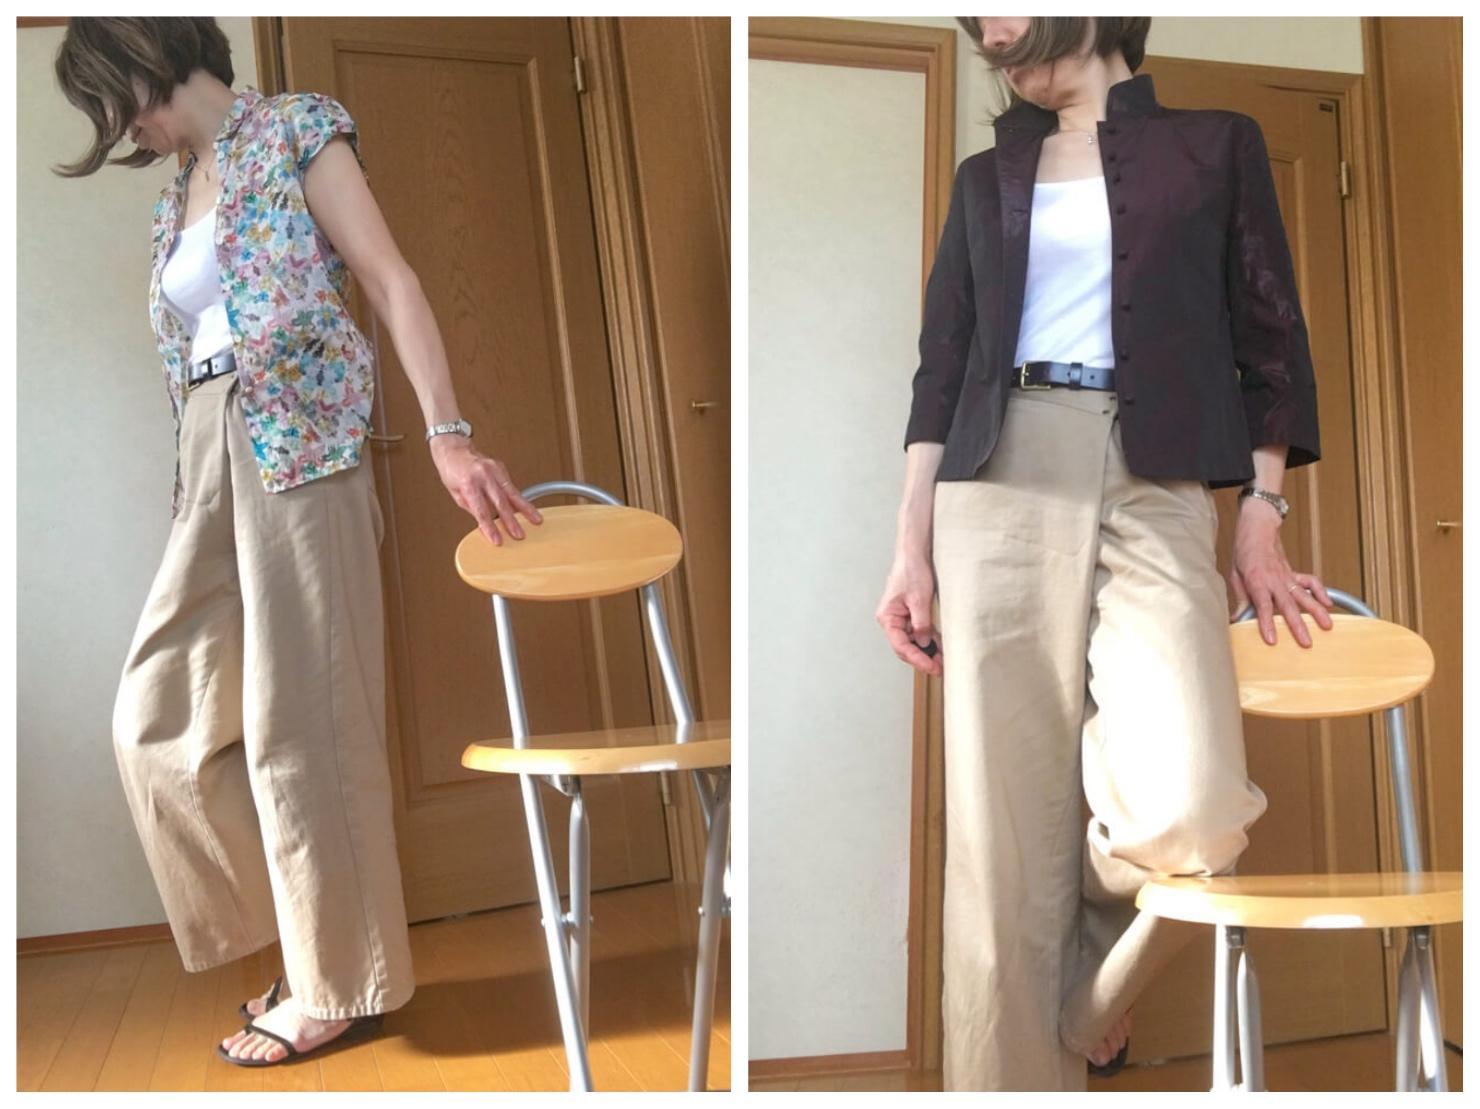 白のタンクトップの上にシャツをはおり、古着のパンツを着ている写真